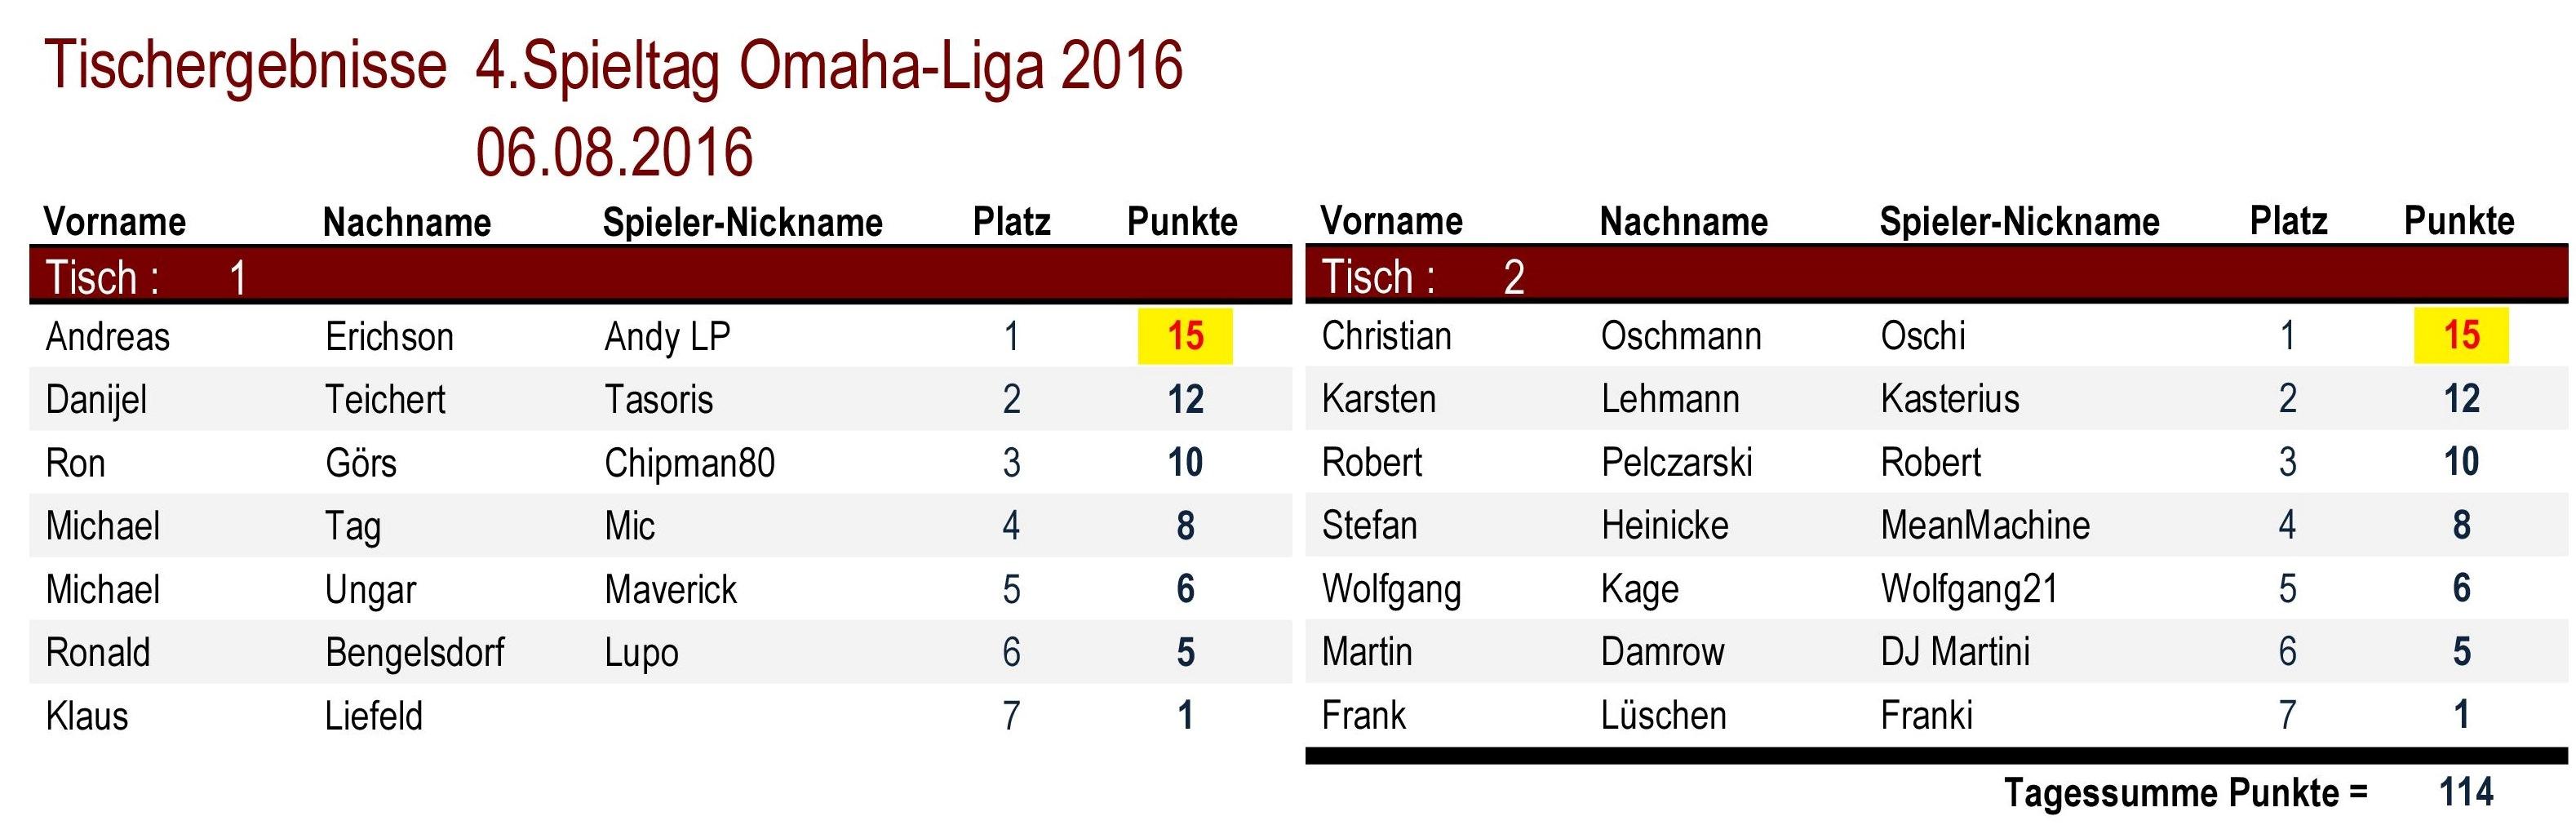 Tischergebnisse Omaha-Liga 4.Spieltag